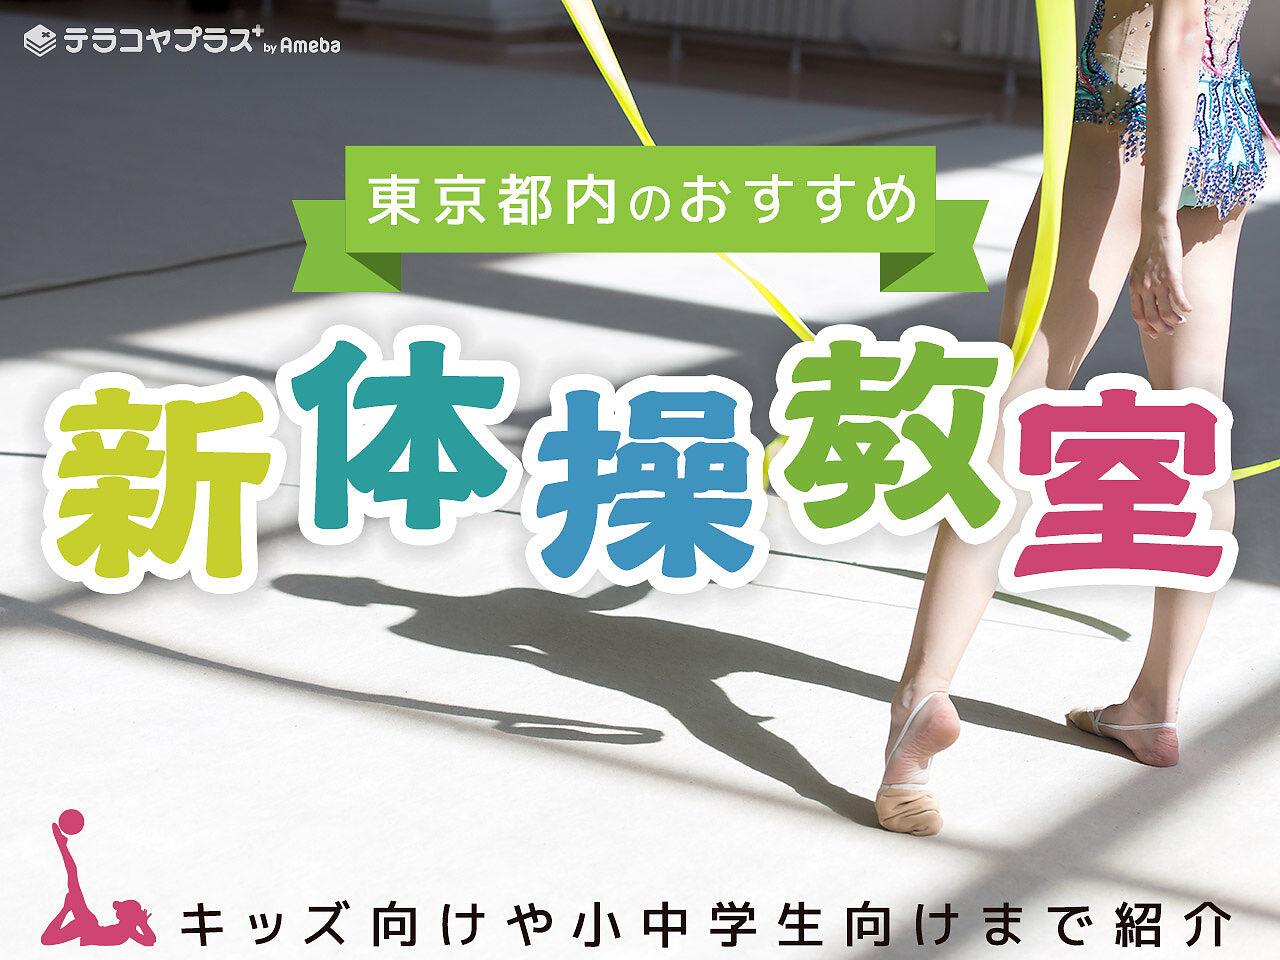 東京都内の新体操教室おすすめ18選【2021年】キッズ向けや小中学生向けまで紹介!の画像